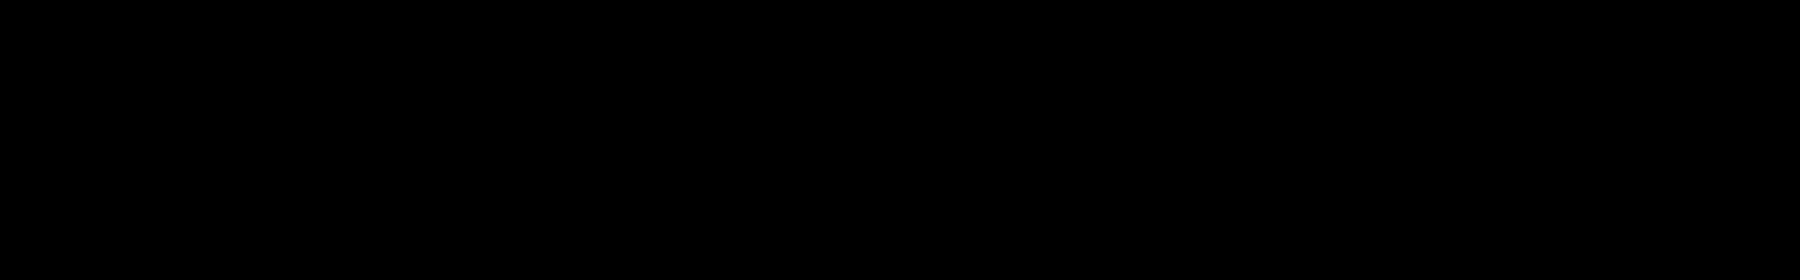 Ricccch Guitars audio waveform